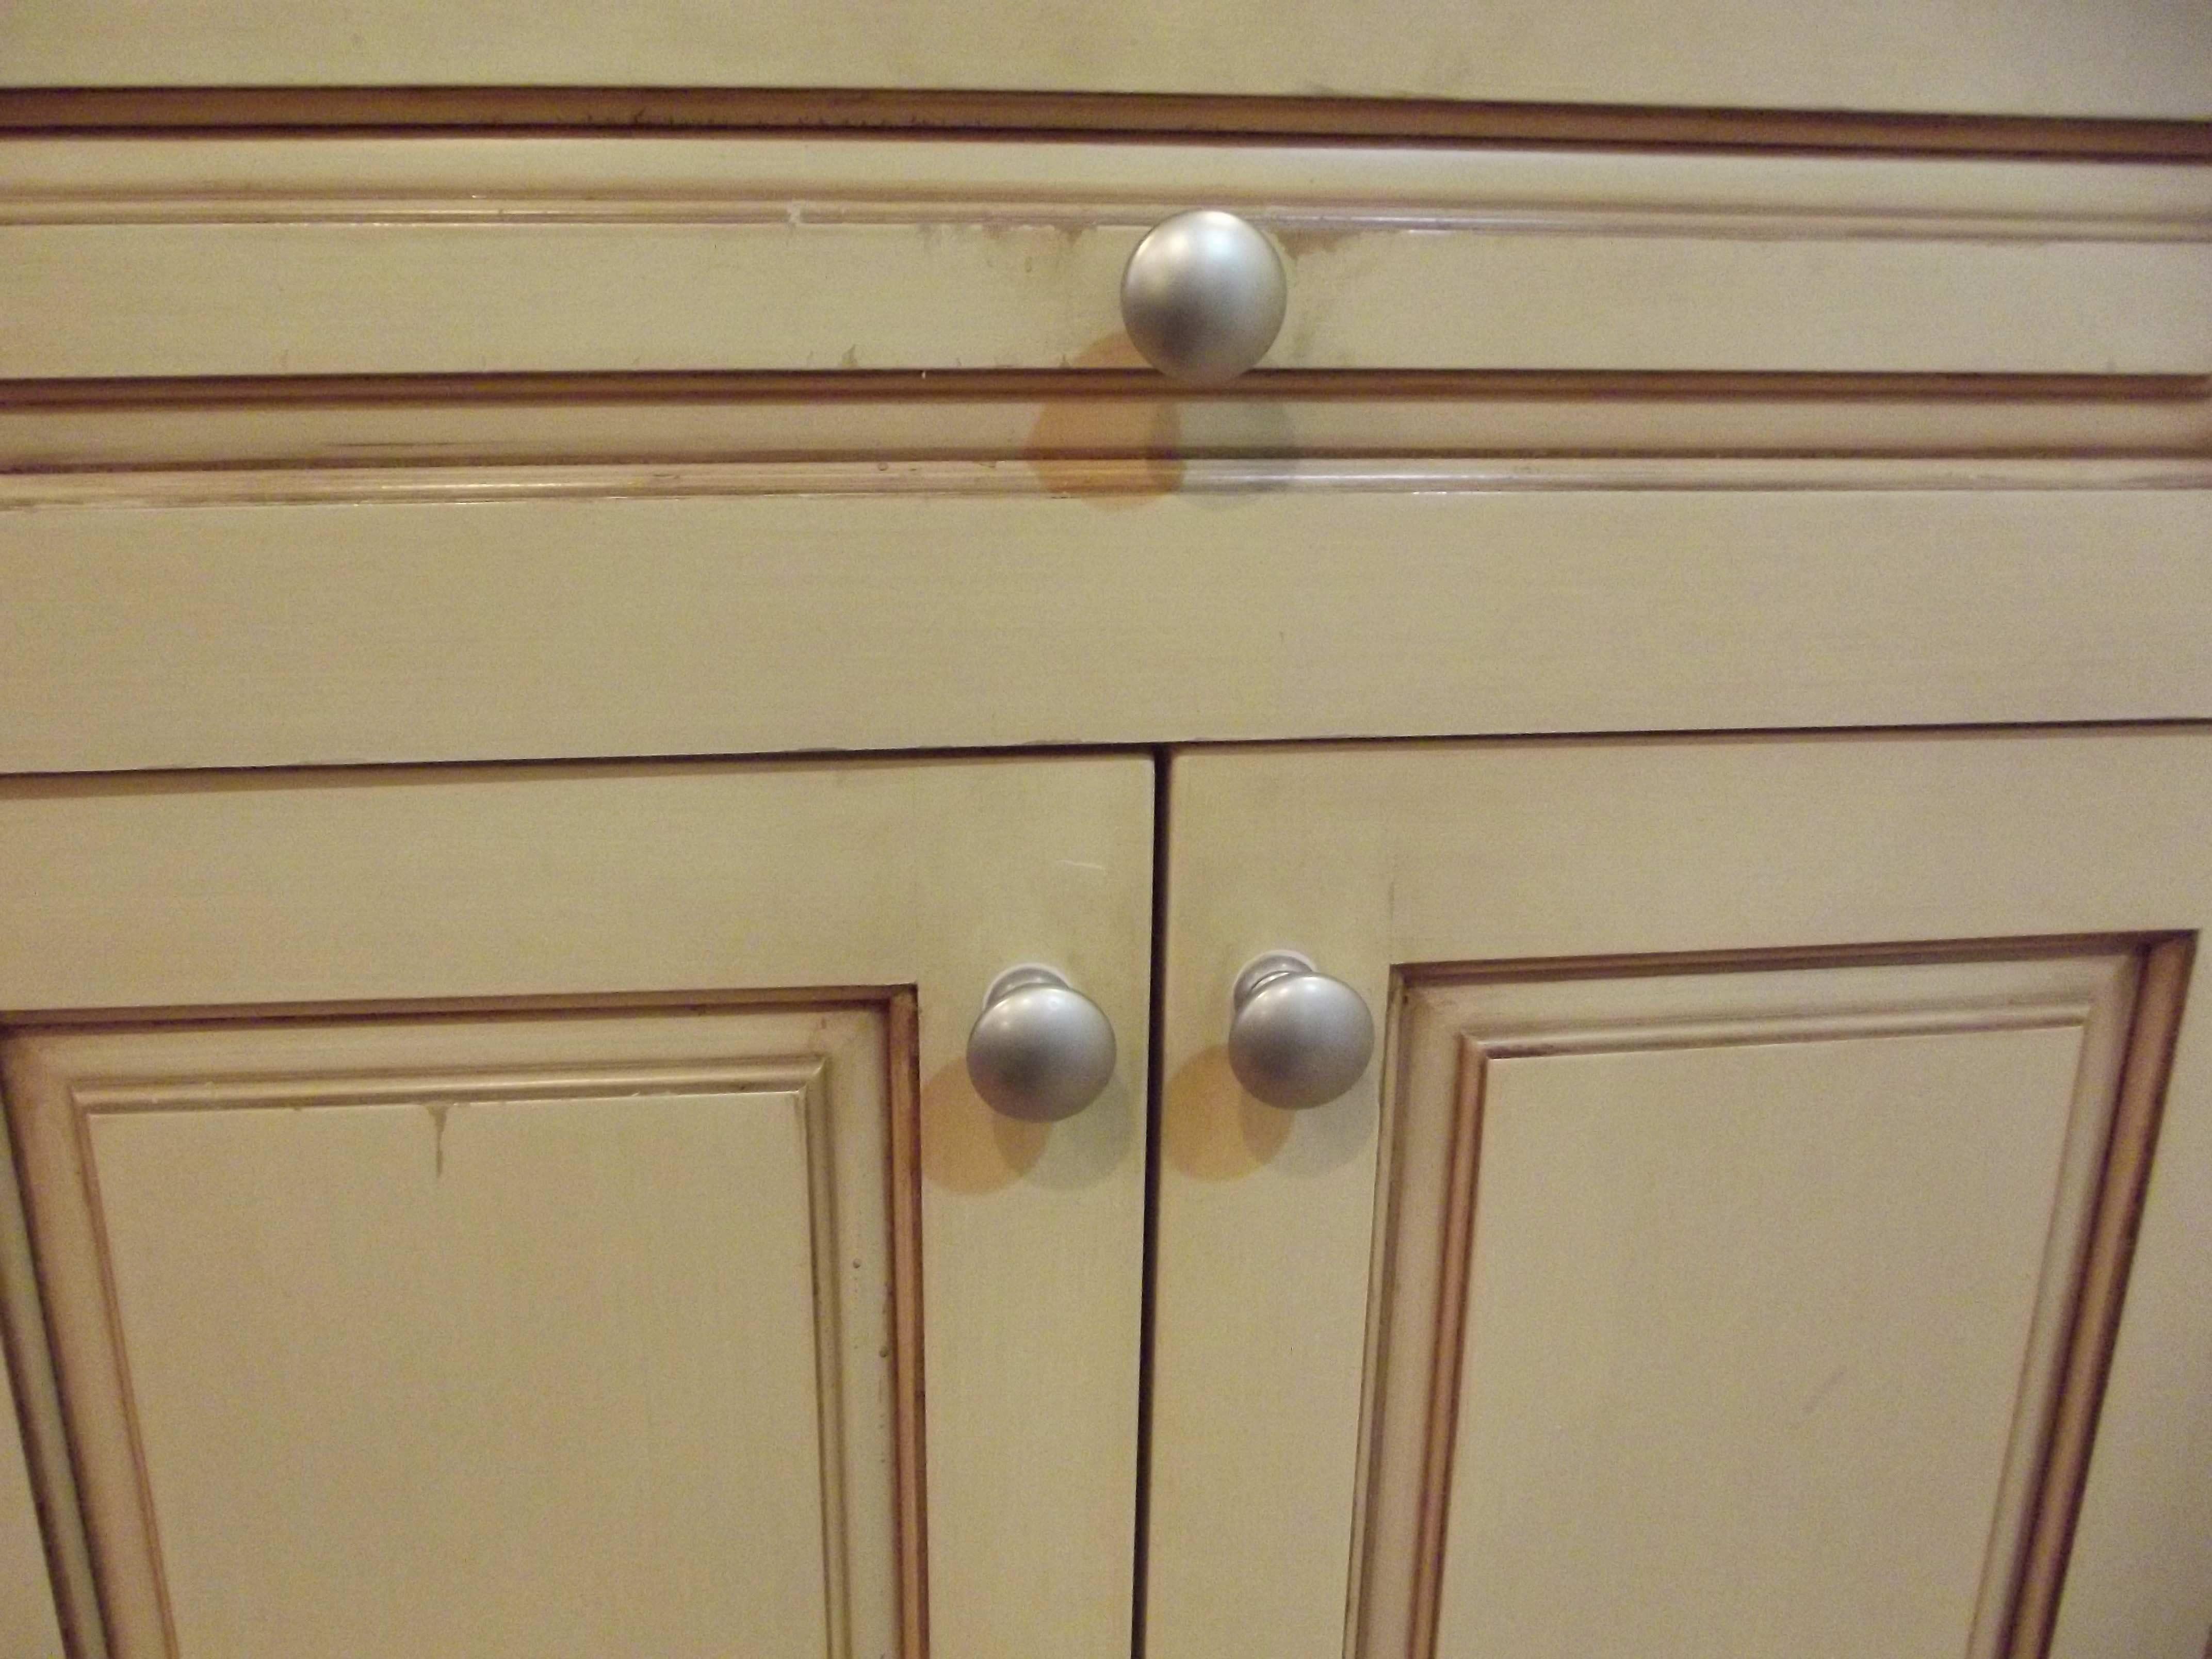 Cabinet restoration work